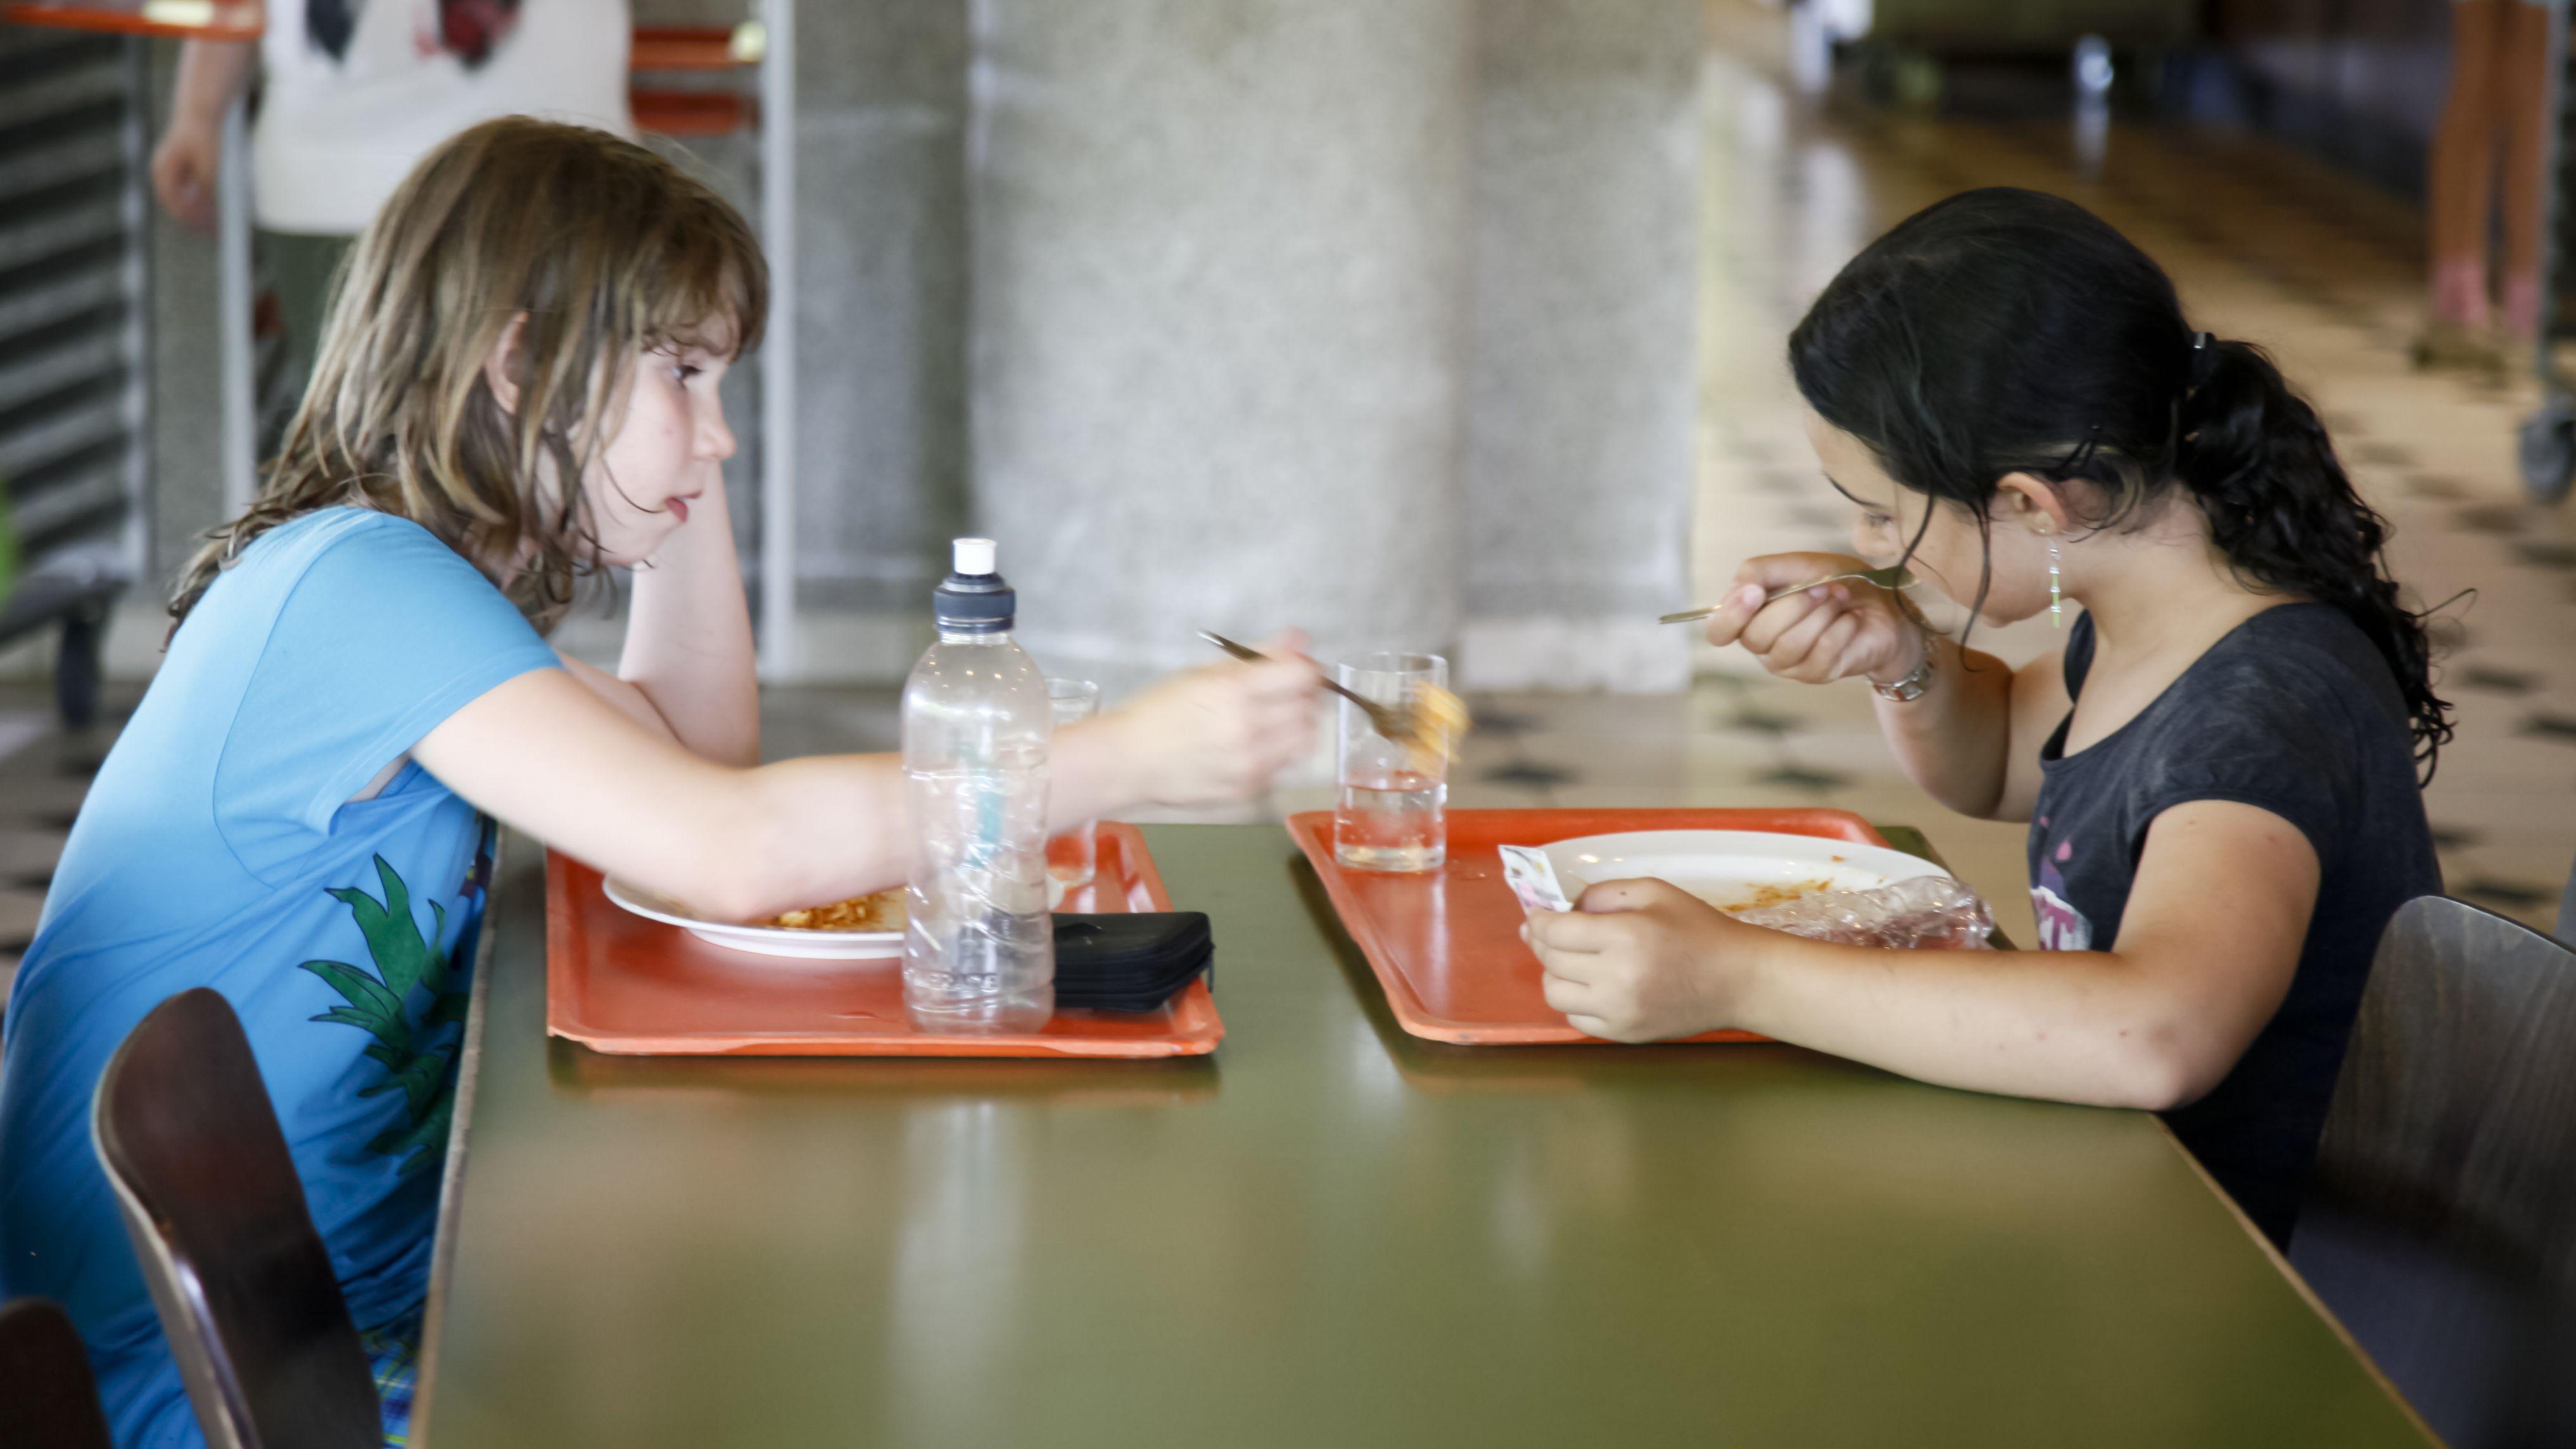 Berlin / Schulverpflegung: Caterer sauer über Ausschreibung